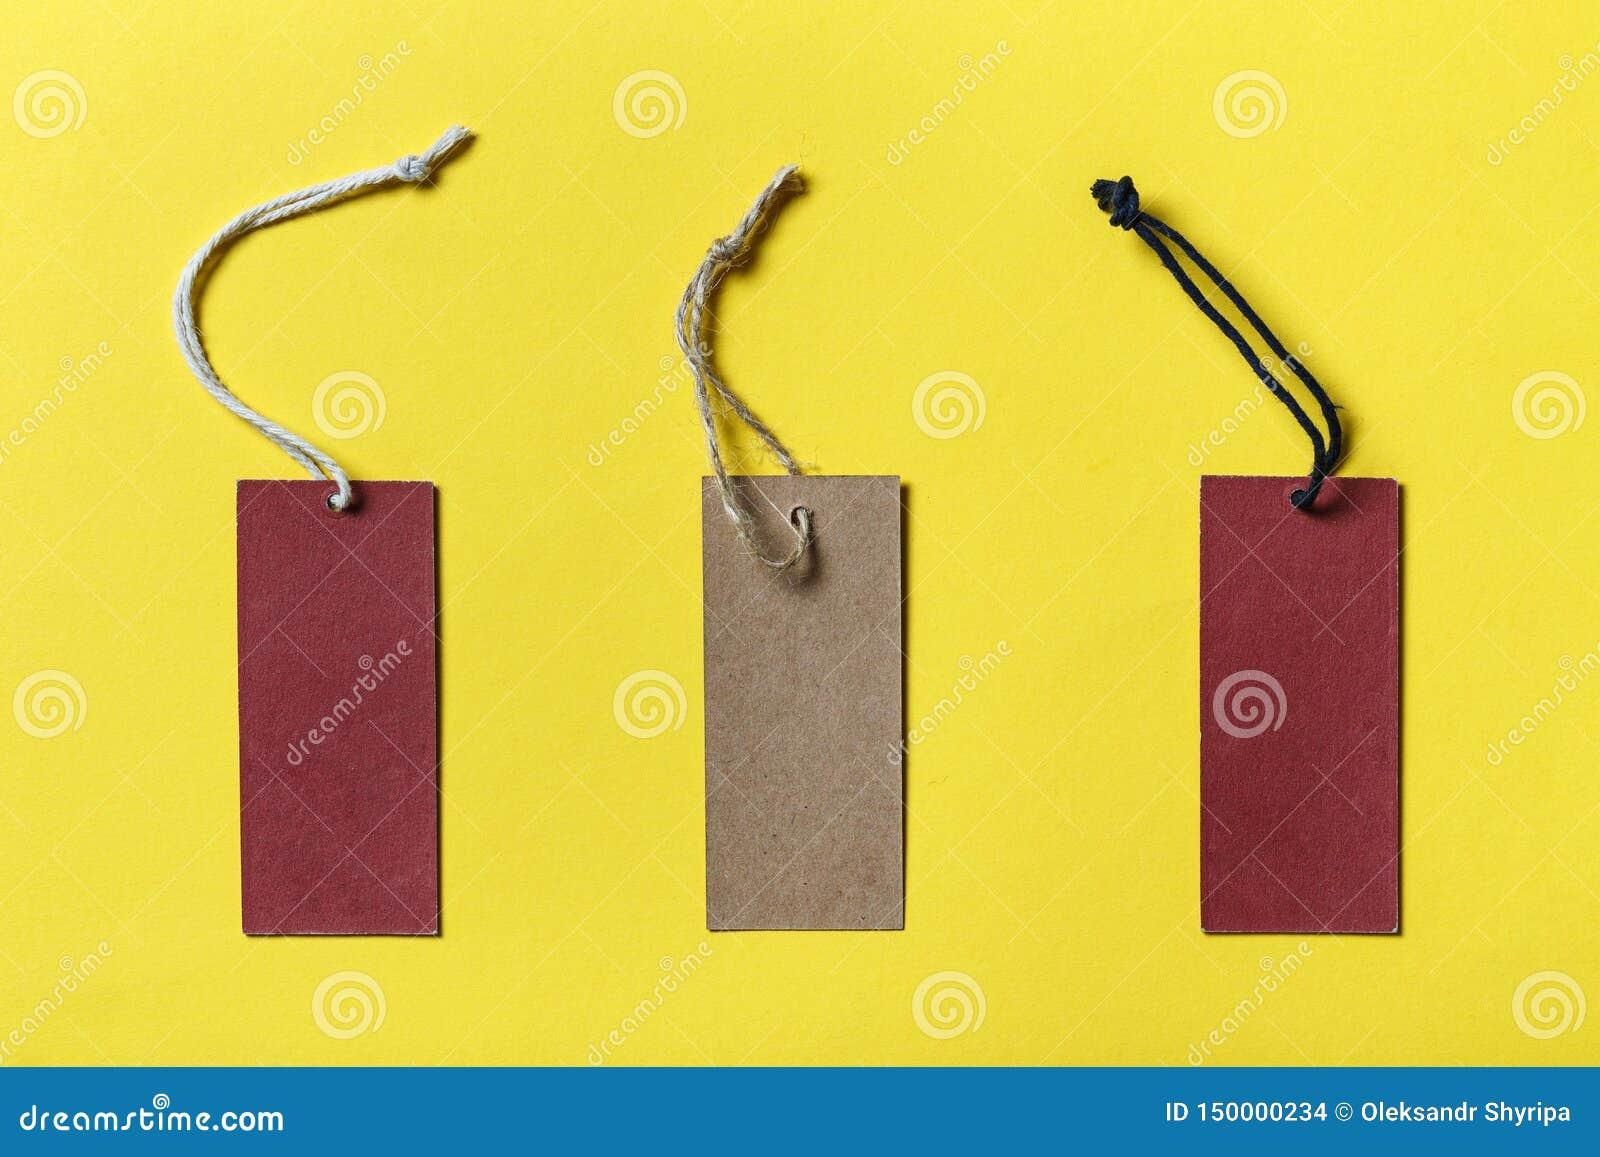 Pusta etykietka wiążąca dla zrozumienia na produkcie dla przedstawienie rabata lub ceny